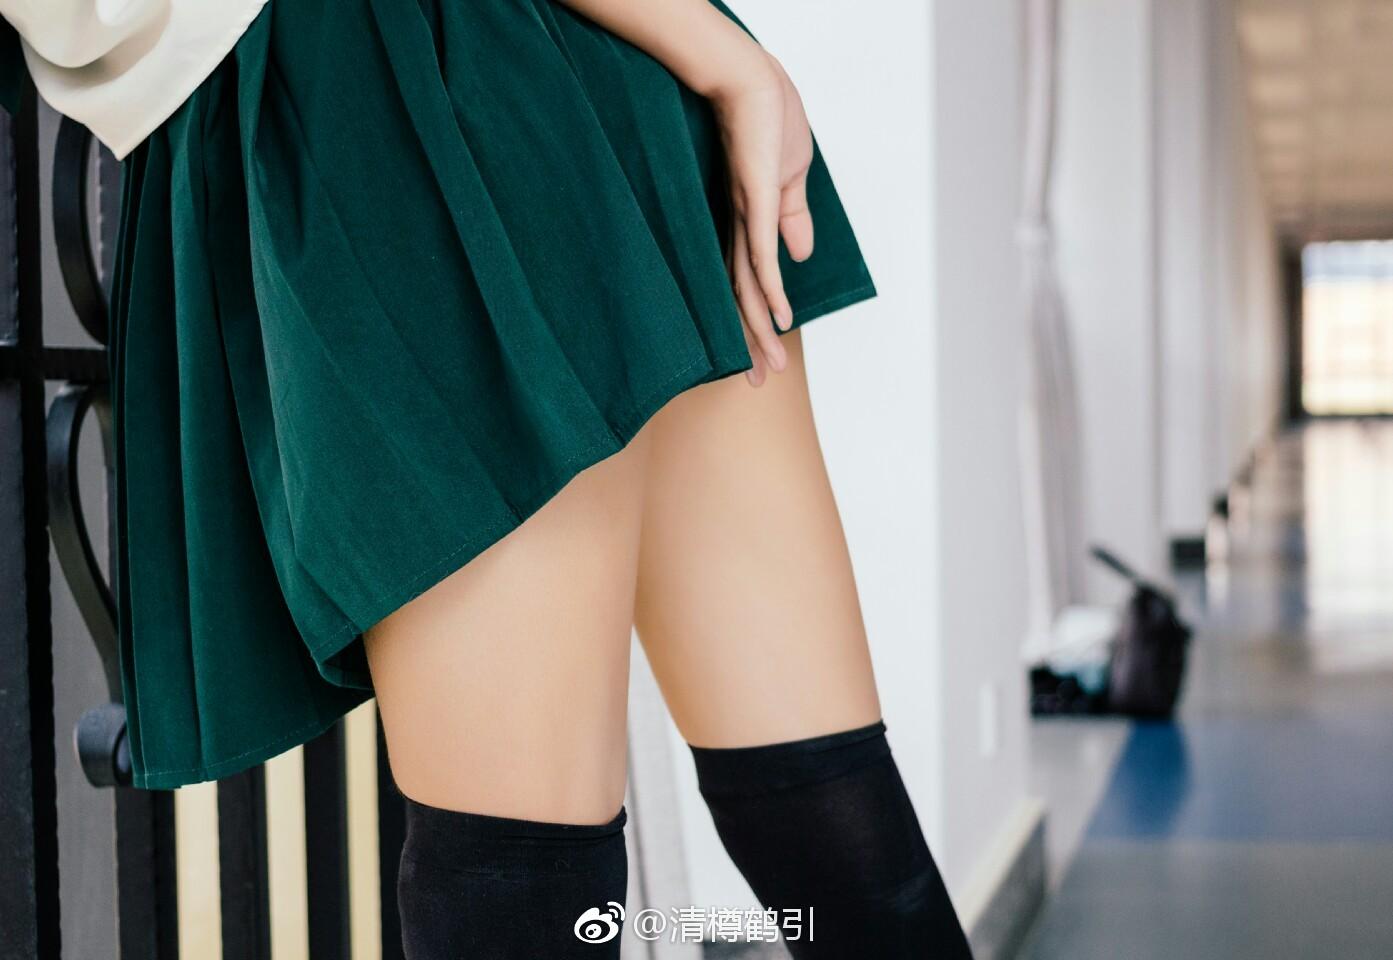 福利腿妹@清樽鹤引的绝对领域(附自爆真相)(15P)